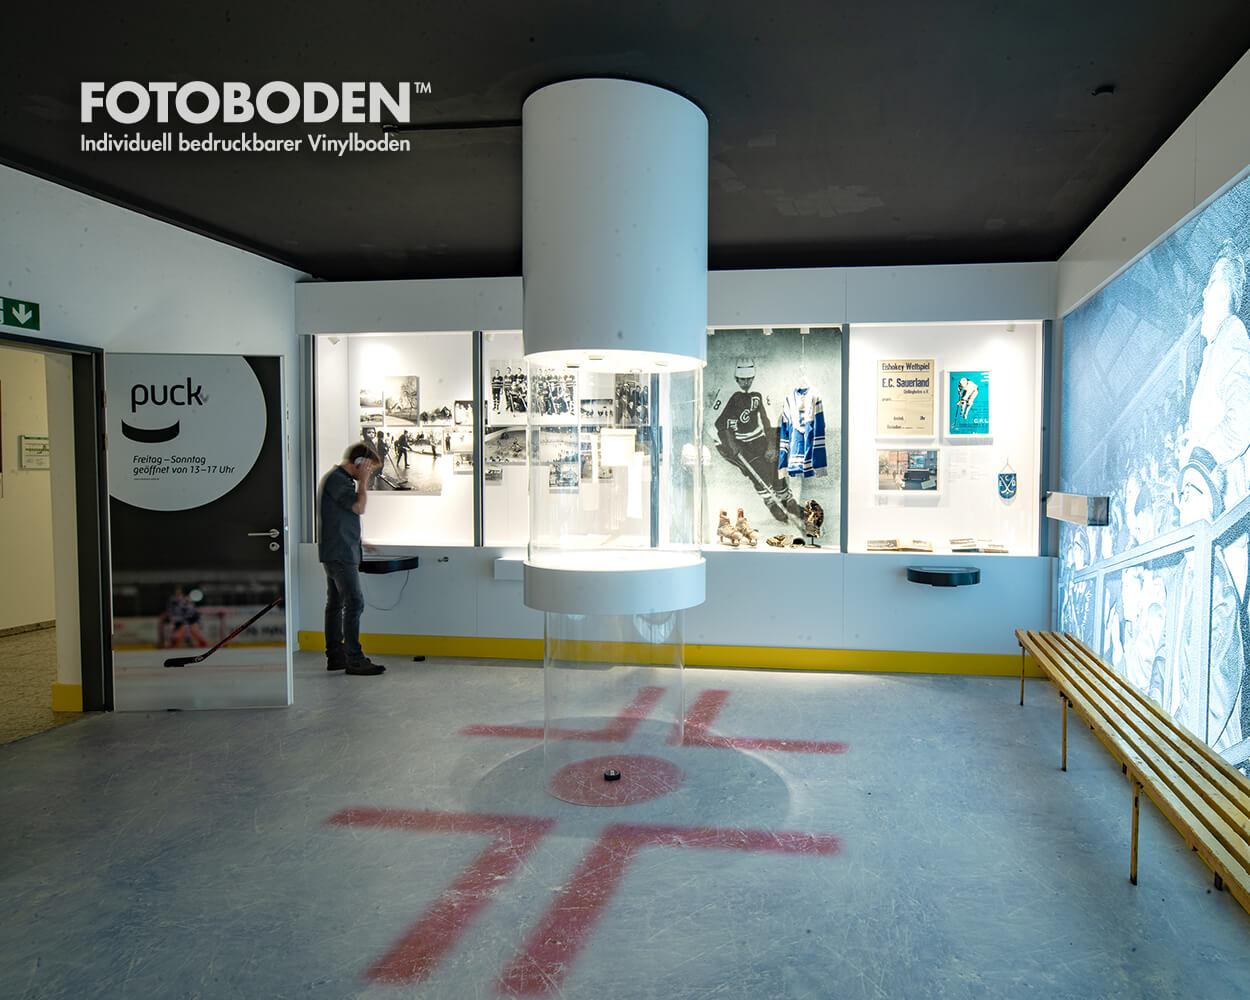 motivboden FOTOBODEN™ designboden